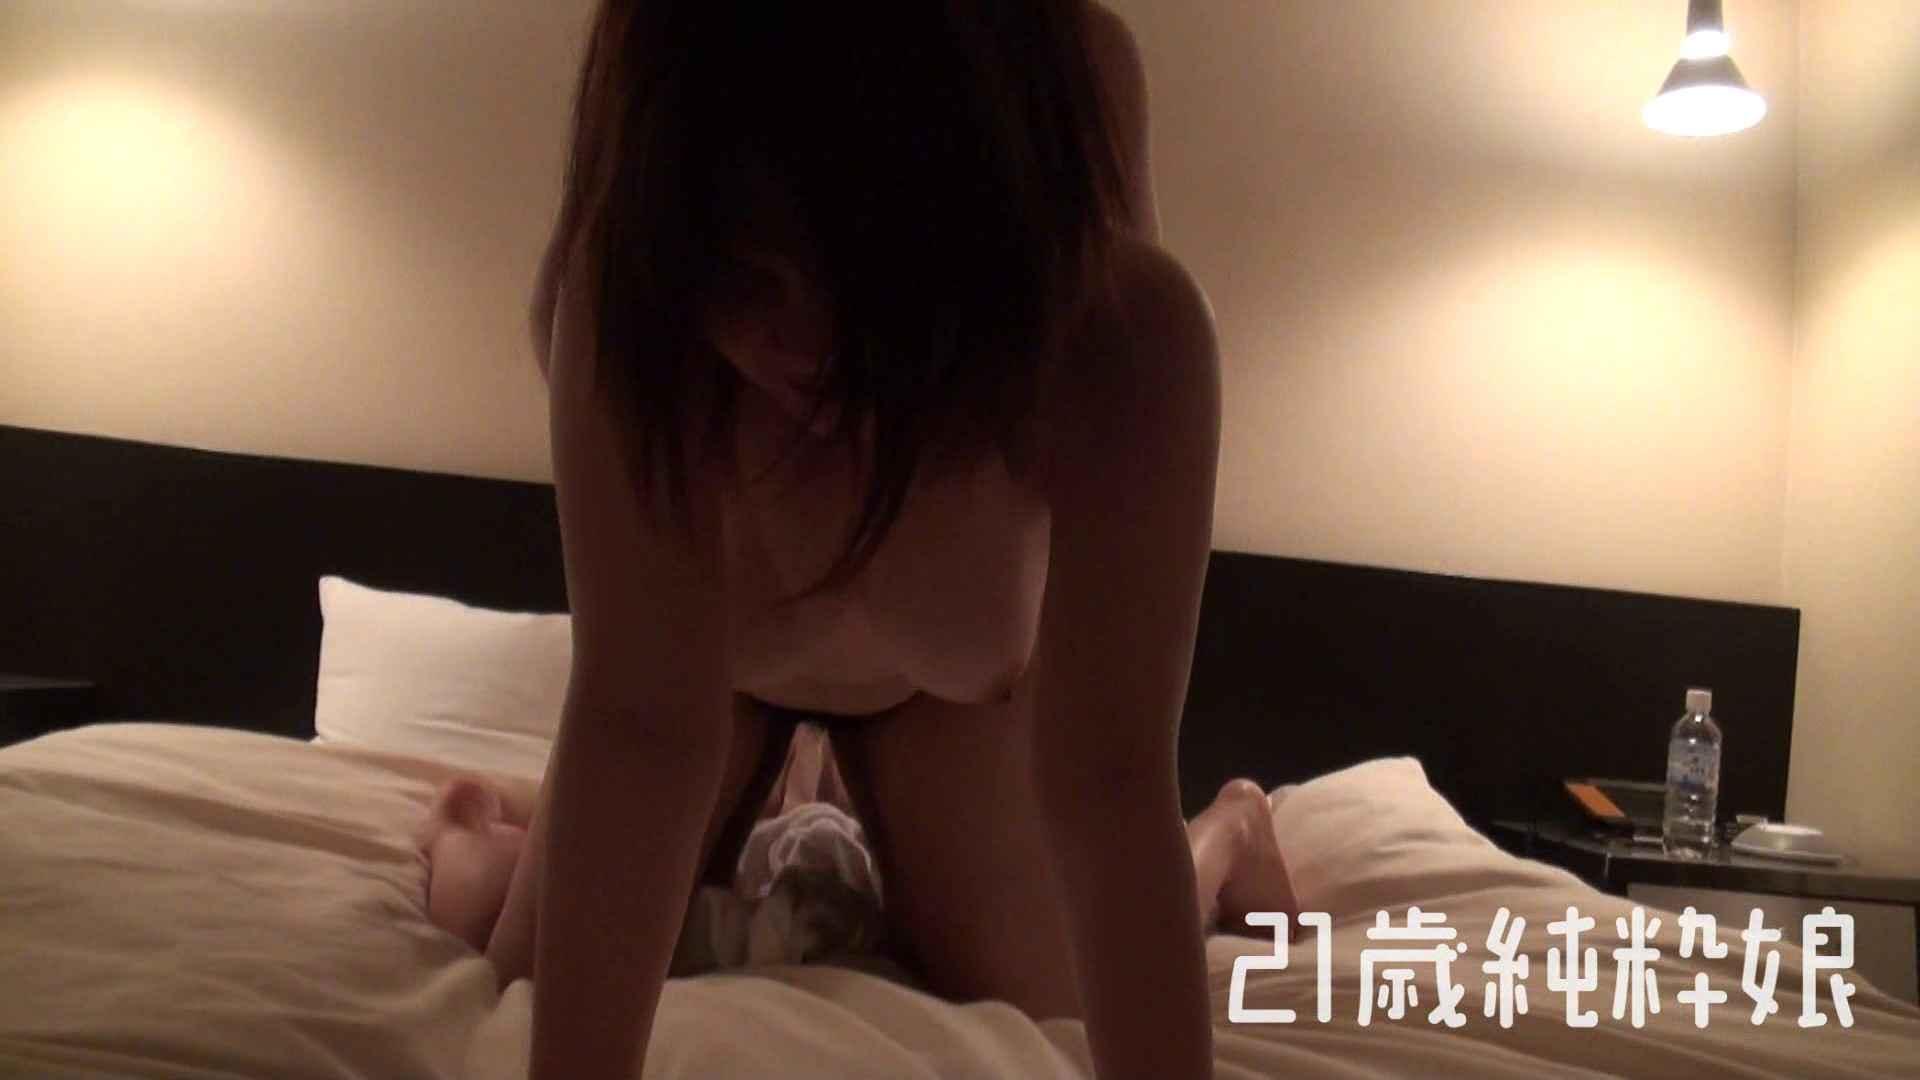 Gカップ21歳純粋嬢第2弾Vol.4 性欲丸出し   HなOL  69pic 28